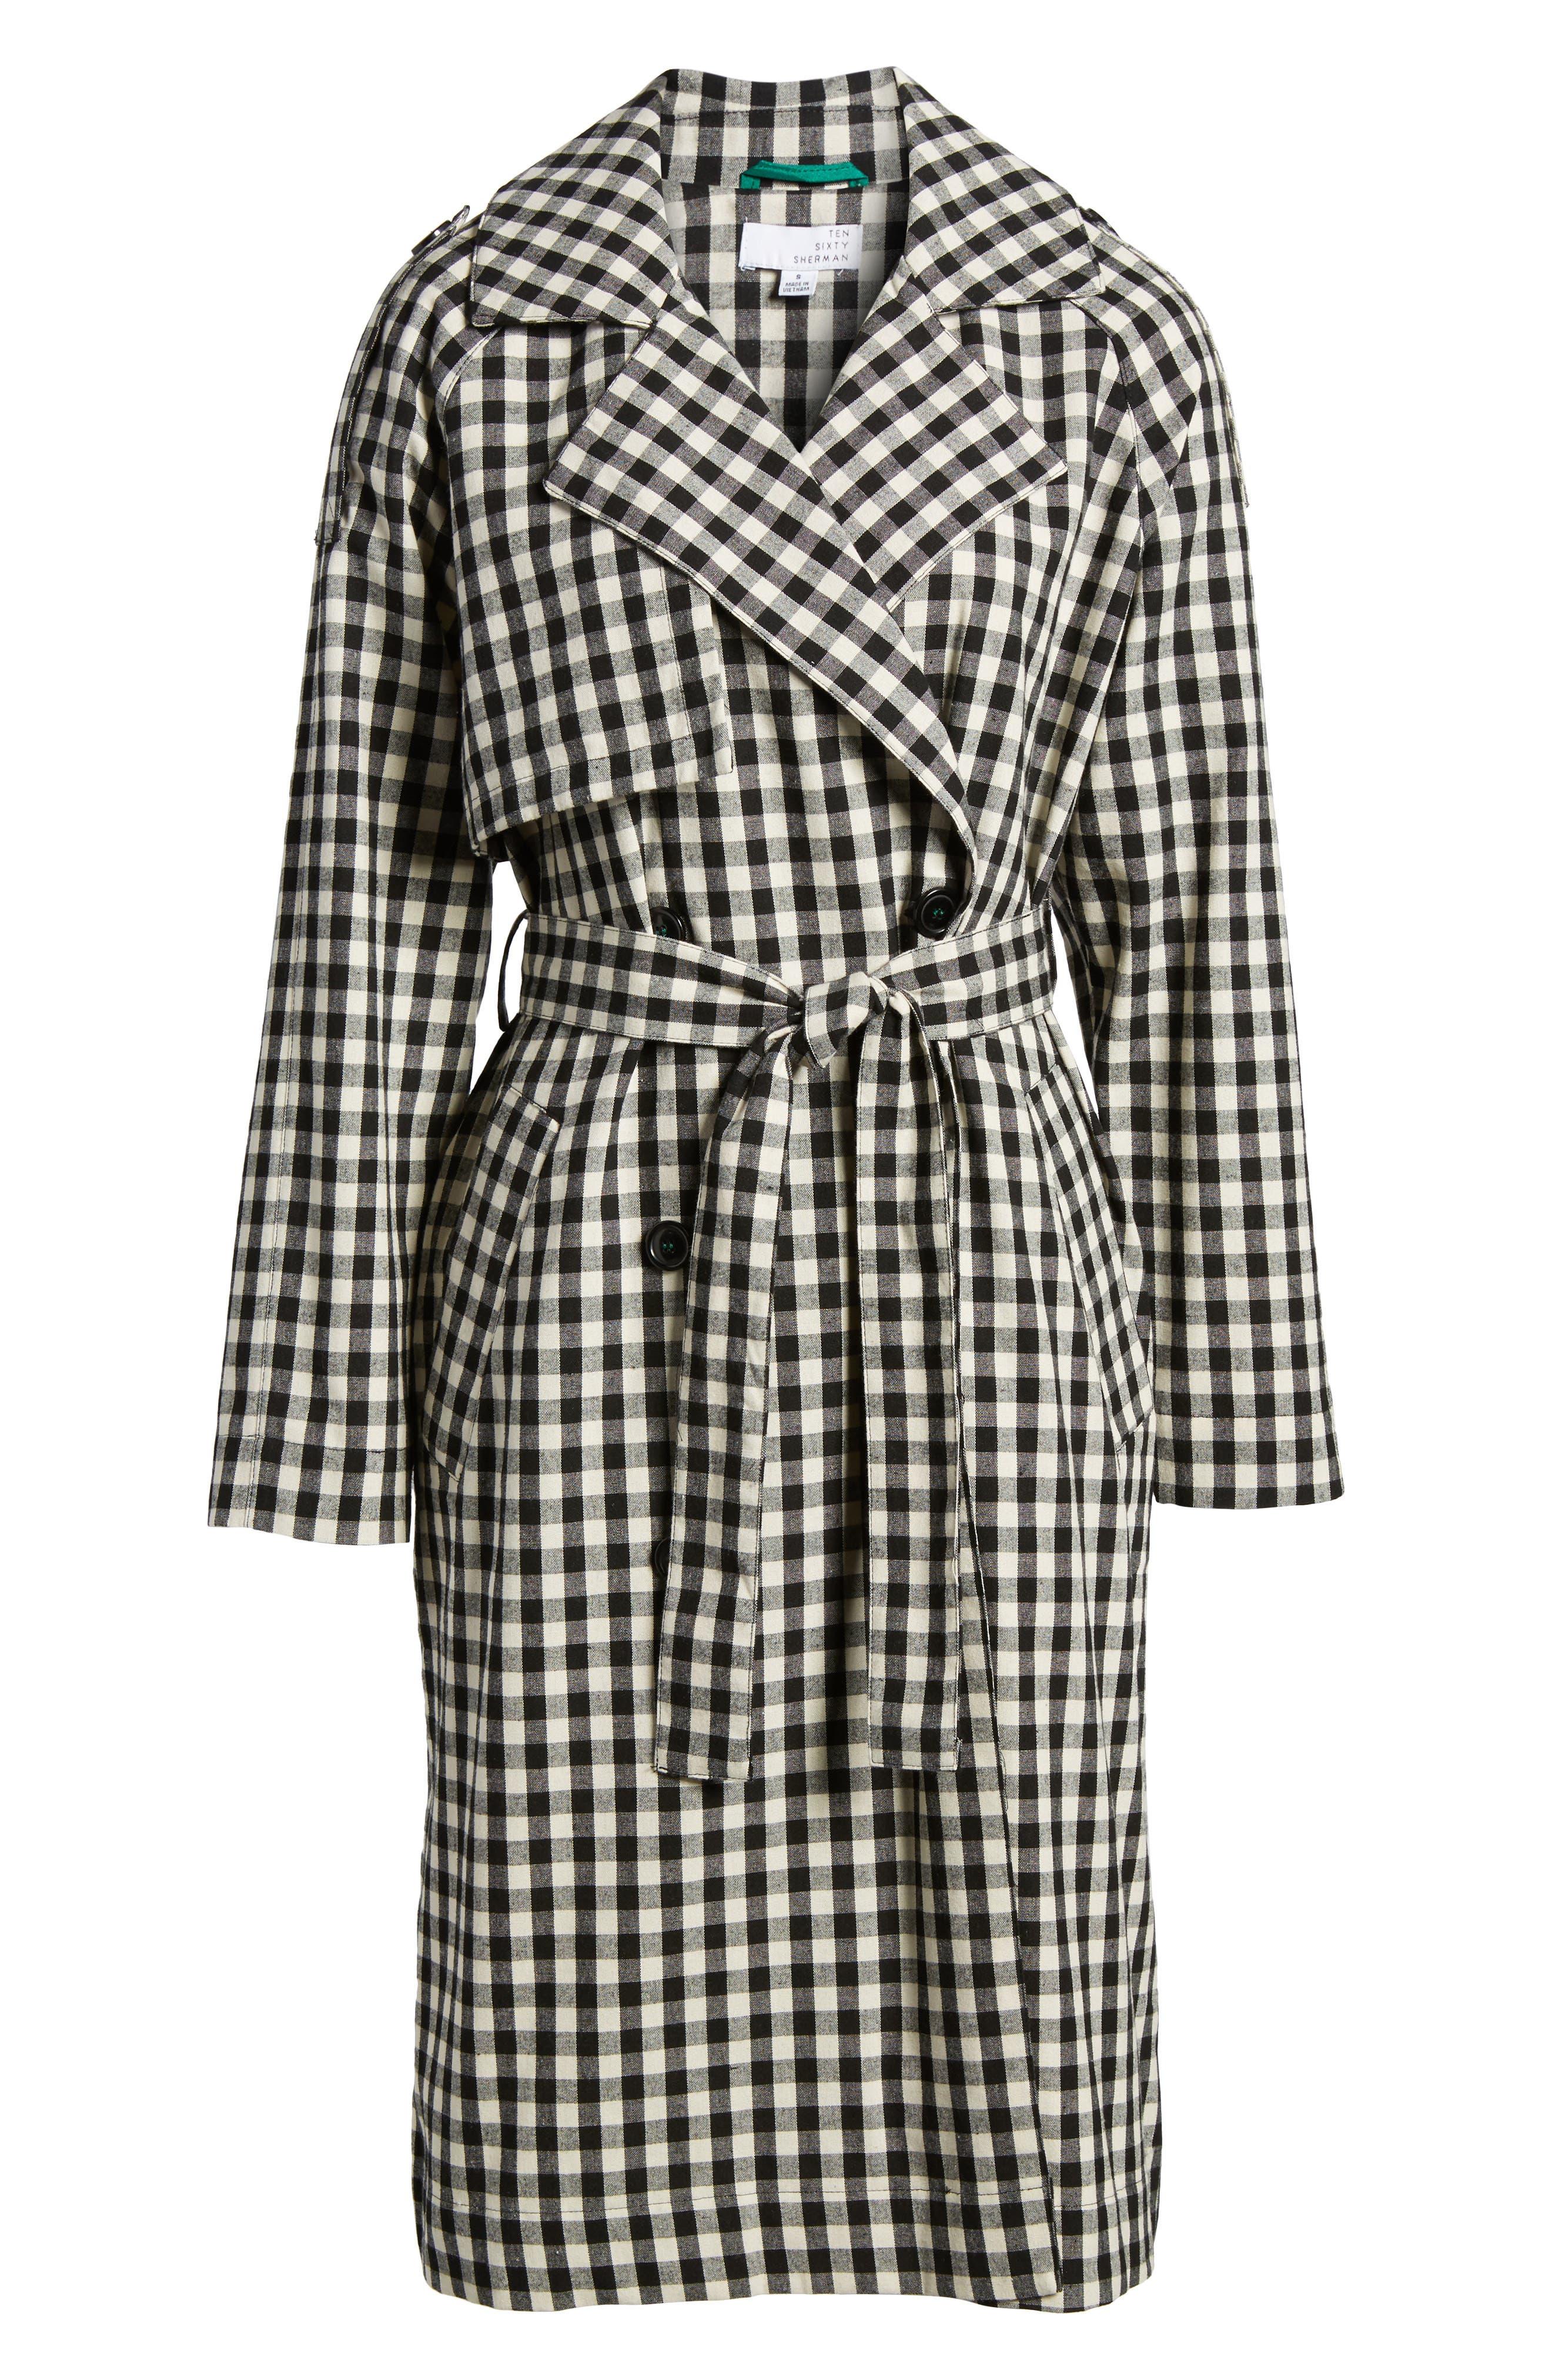 Gingham Trench Coat,                             Alternate thumbnail 7, color,                             Black/ White